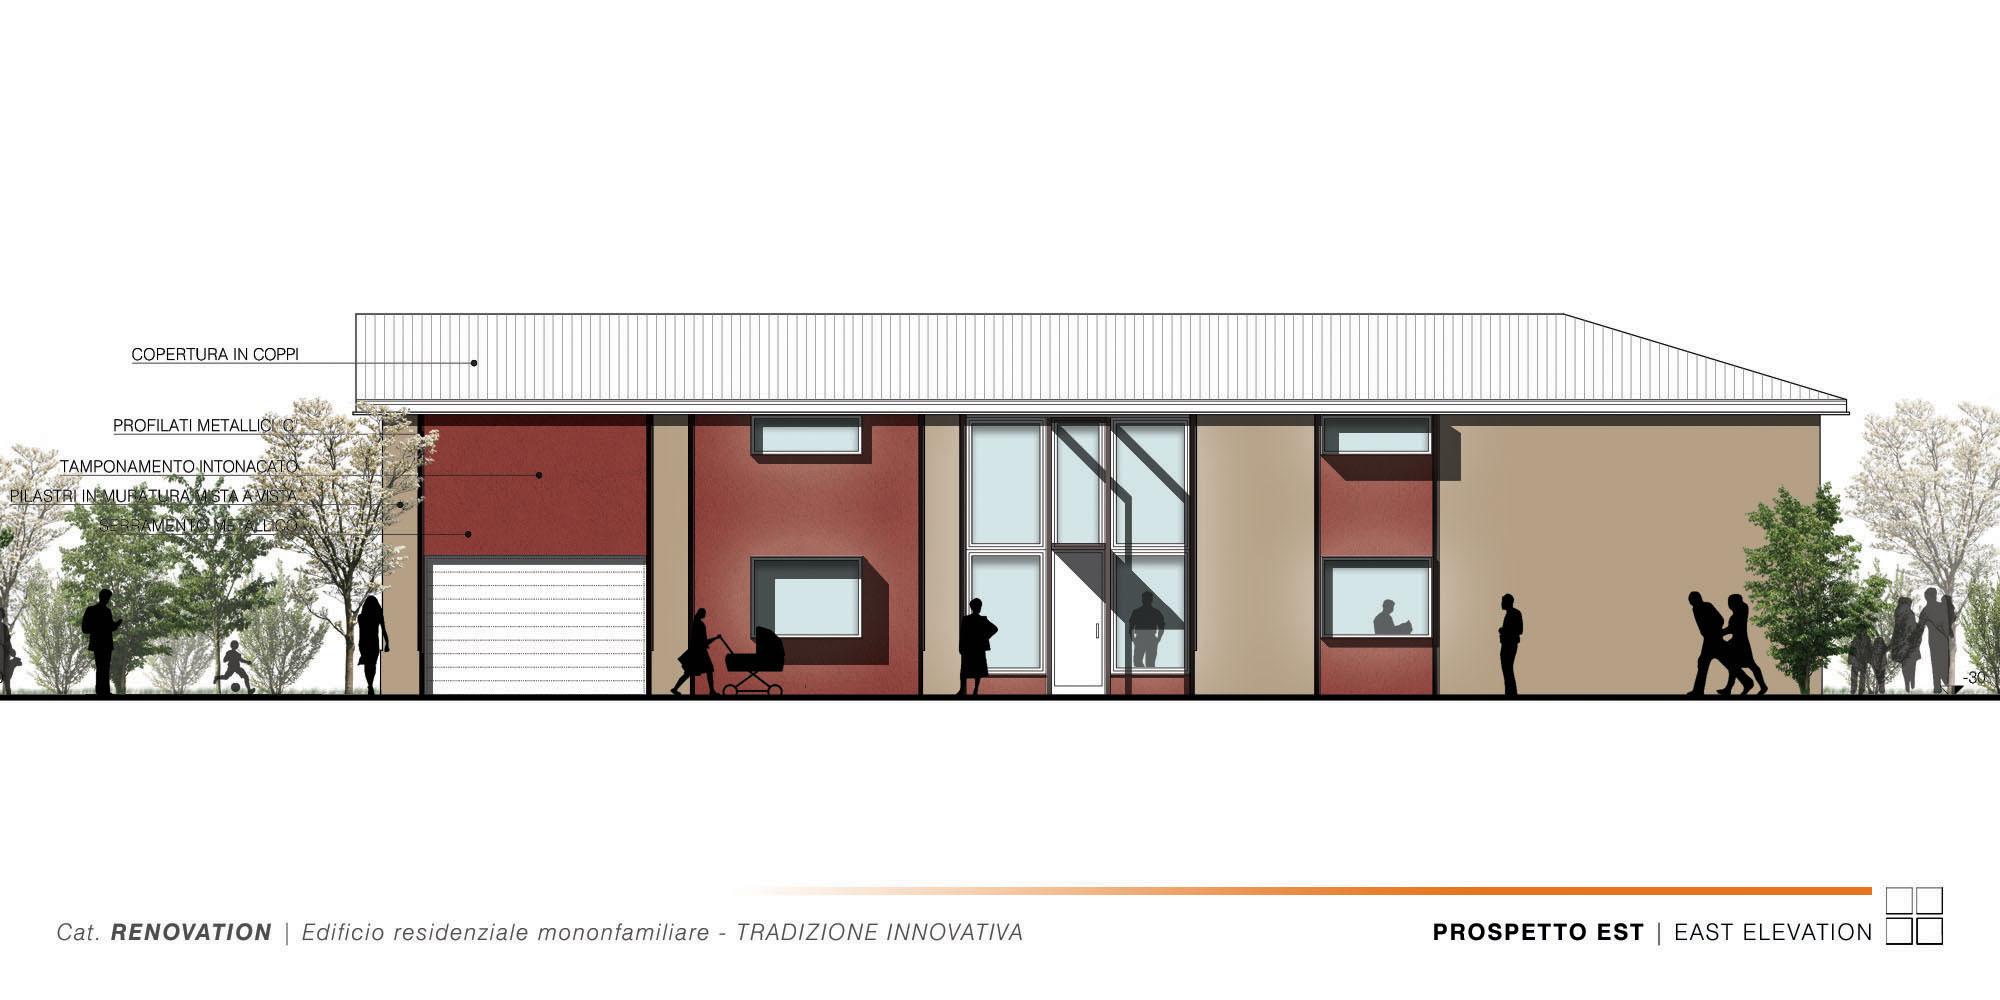 Edificio Residenziale Monofamiliare - TRADIZIONE INNOVATIVA - 005 - East Elevation }